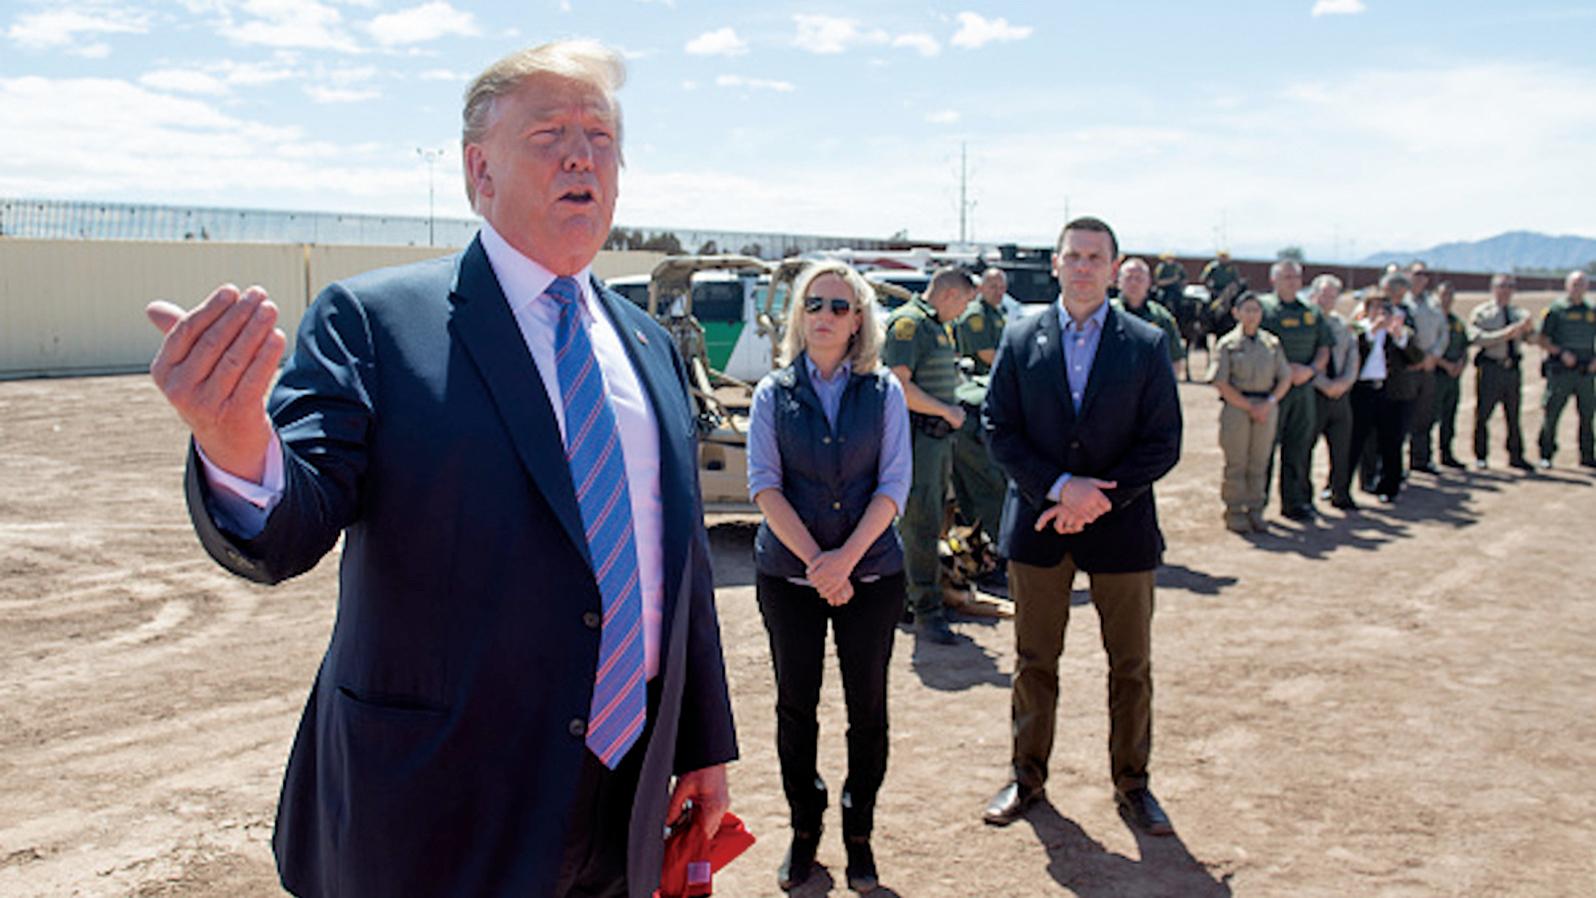 特朗普總統上周五(4月12日)表示,他正考慮將非法越境者送到歡迎他們的庇護城市。(AFP)